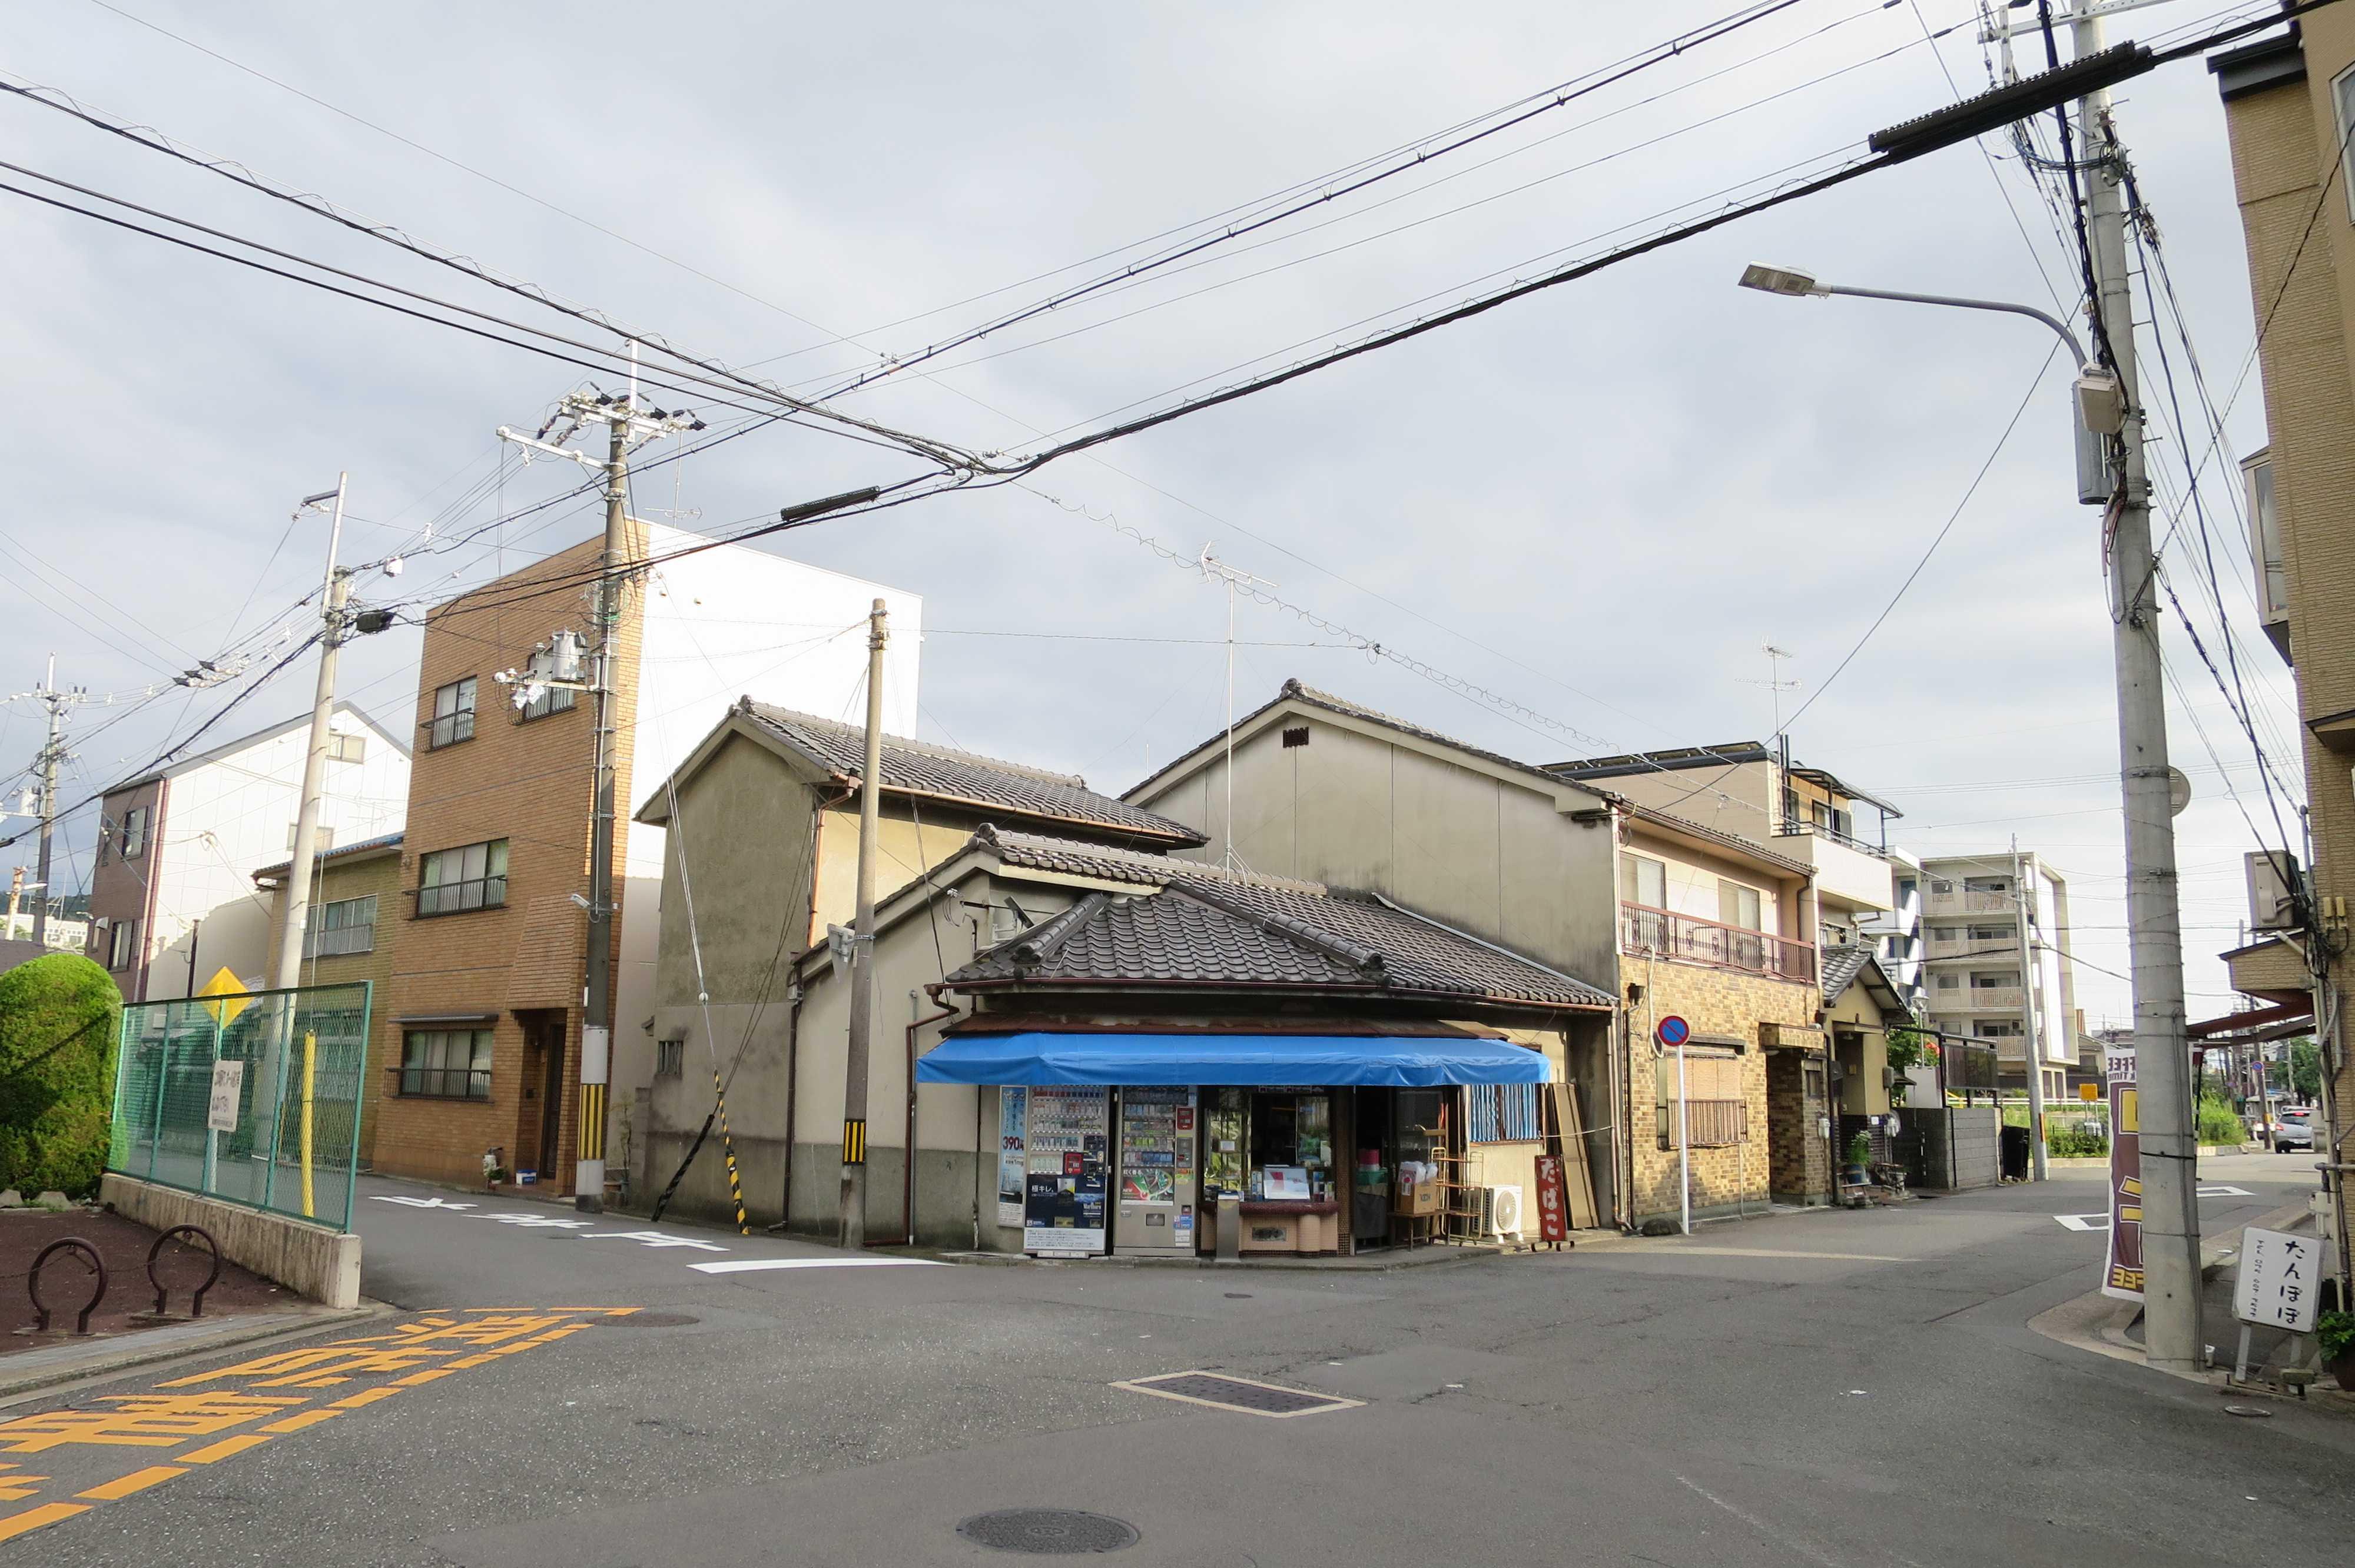 京都・崇仁地区 - ひっそりと営業していた崇仁地区の商店